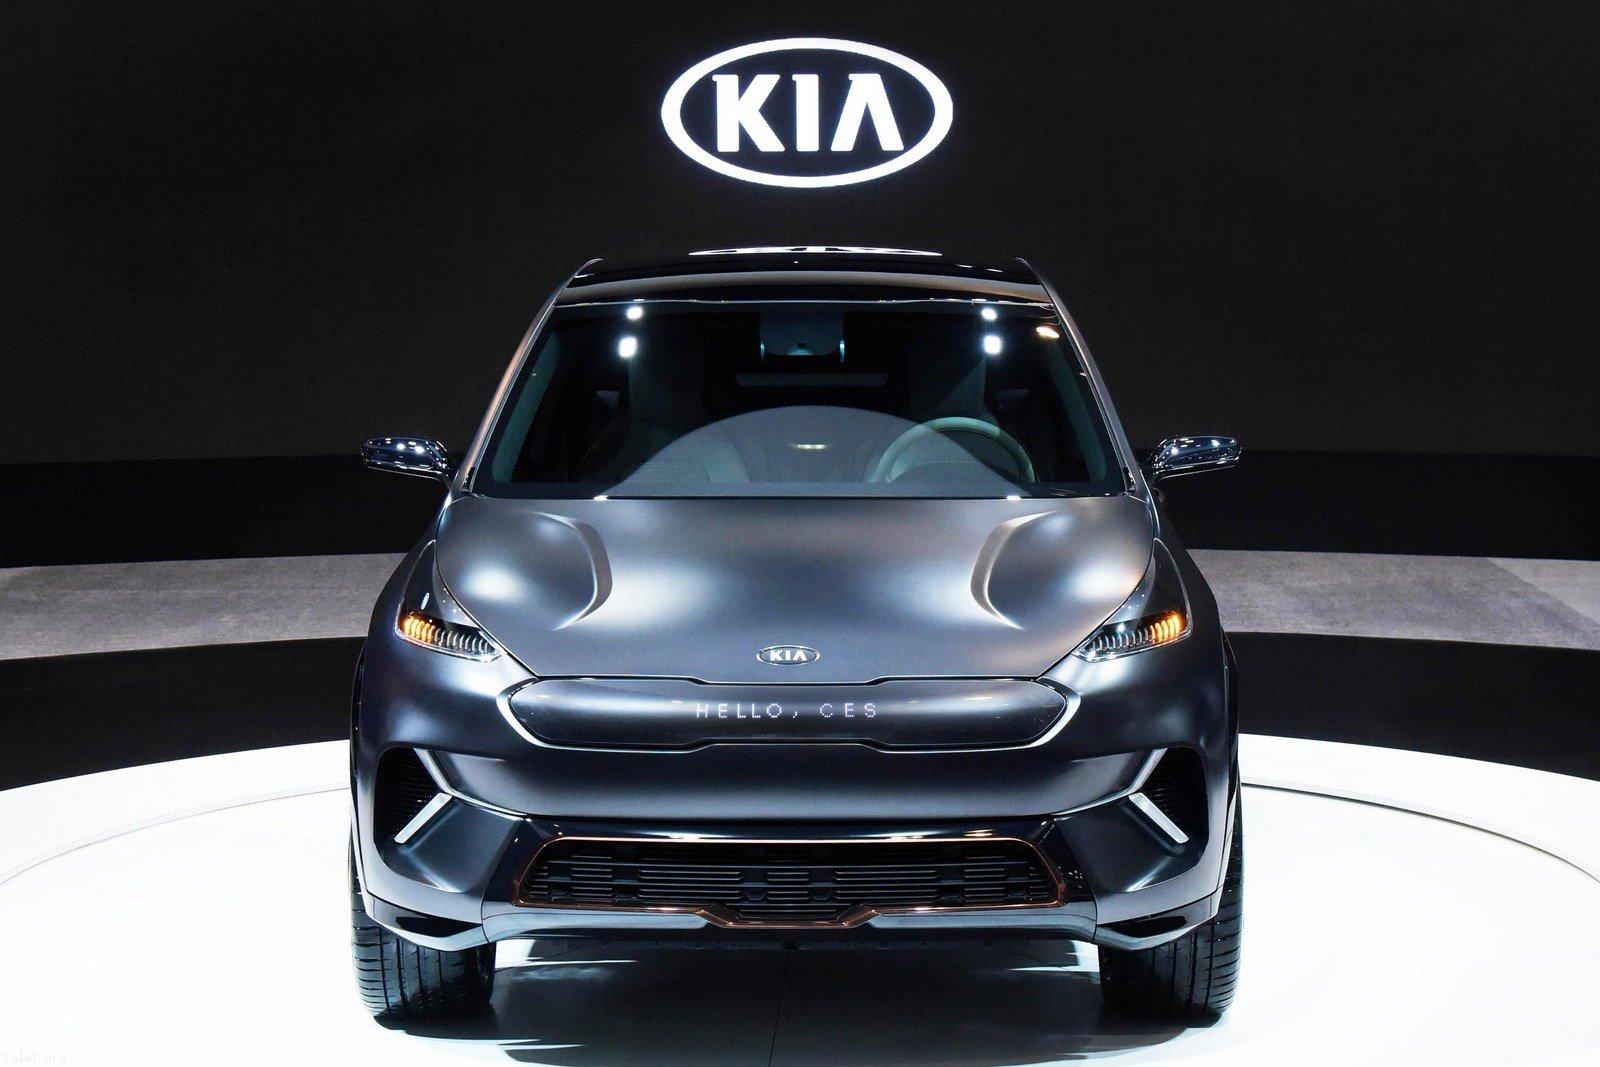 خودروی شگفت انگیز کیا نیرو 2018 (+مشخصات و تصاویر)